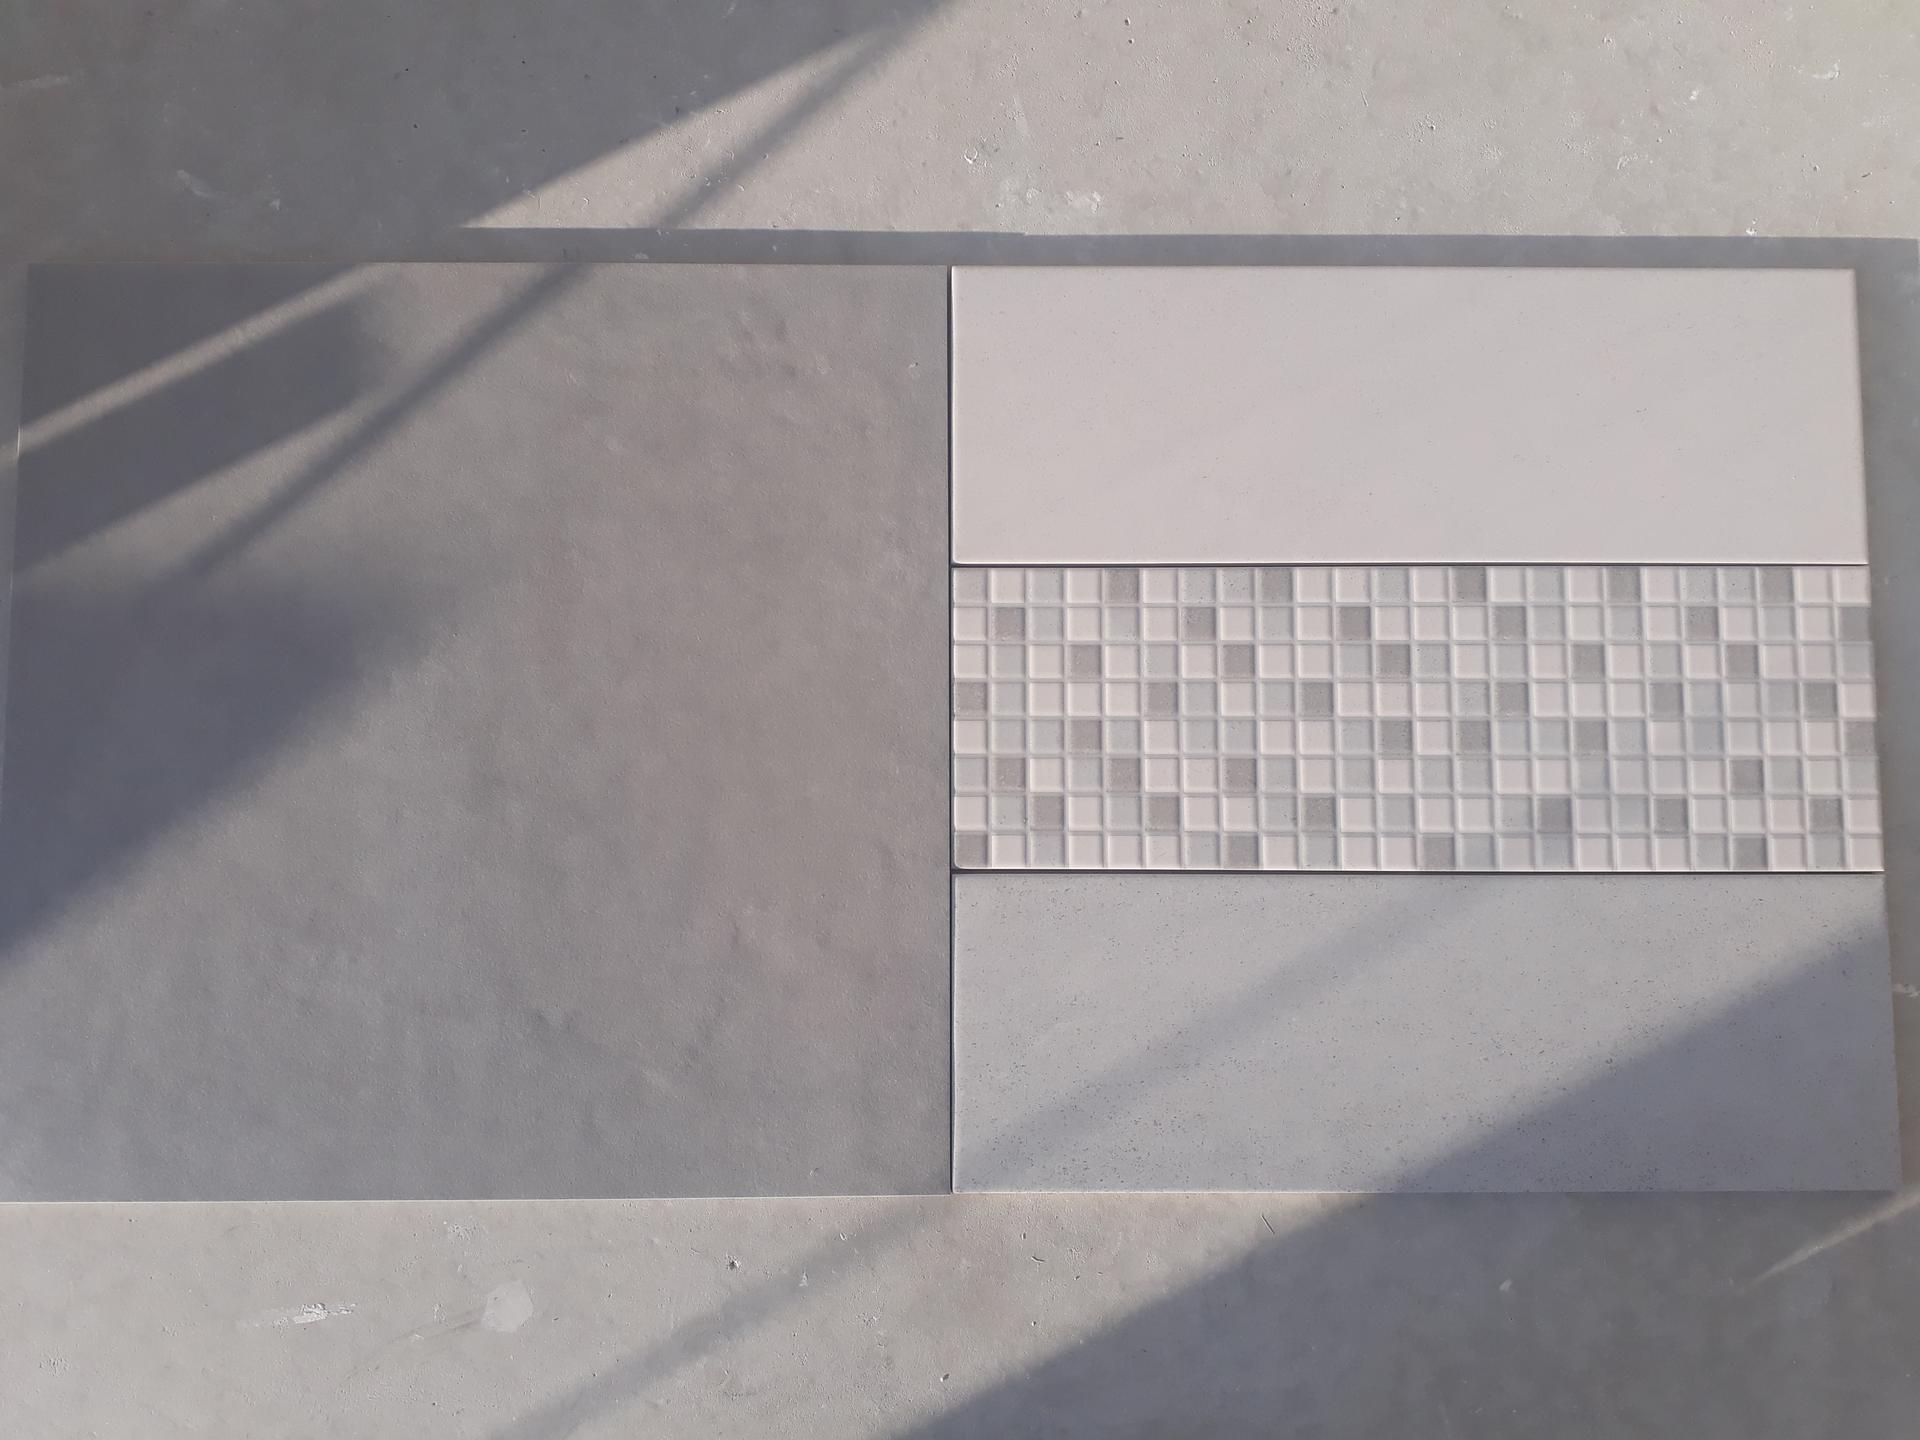 Koupelna přízemí - Vlevo dlažba Rako Extra světle šedá 60x60. Vpravo obklad Rako Form Plus světle šedá, imitace mozaiky, šedá 20x60.